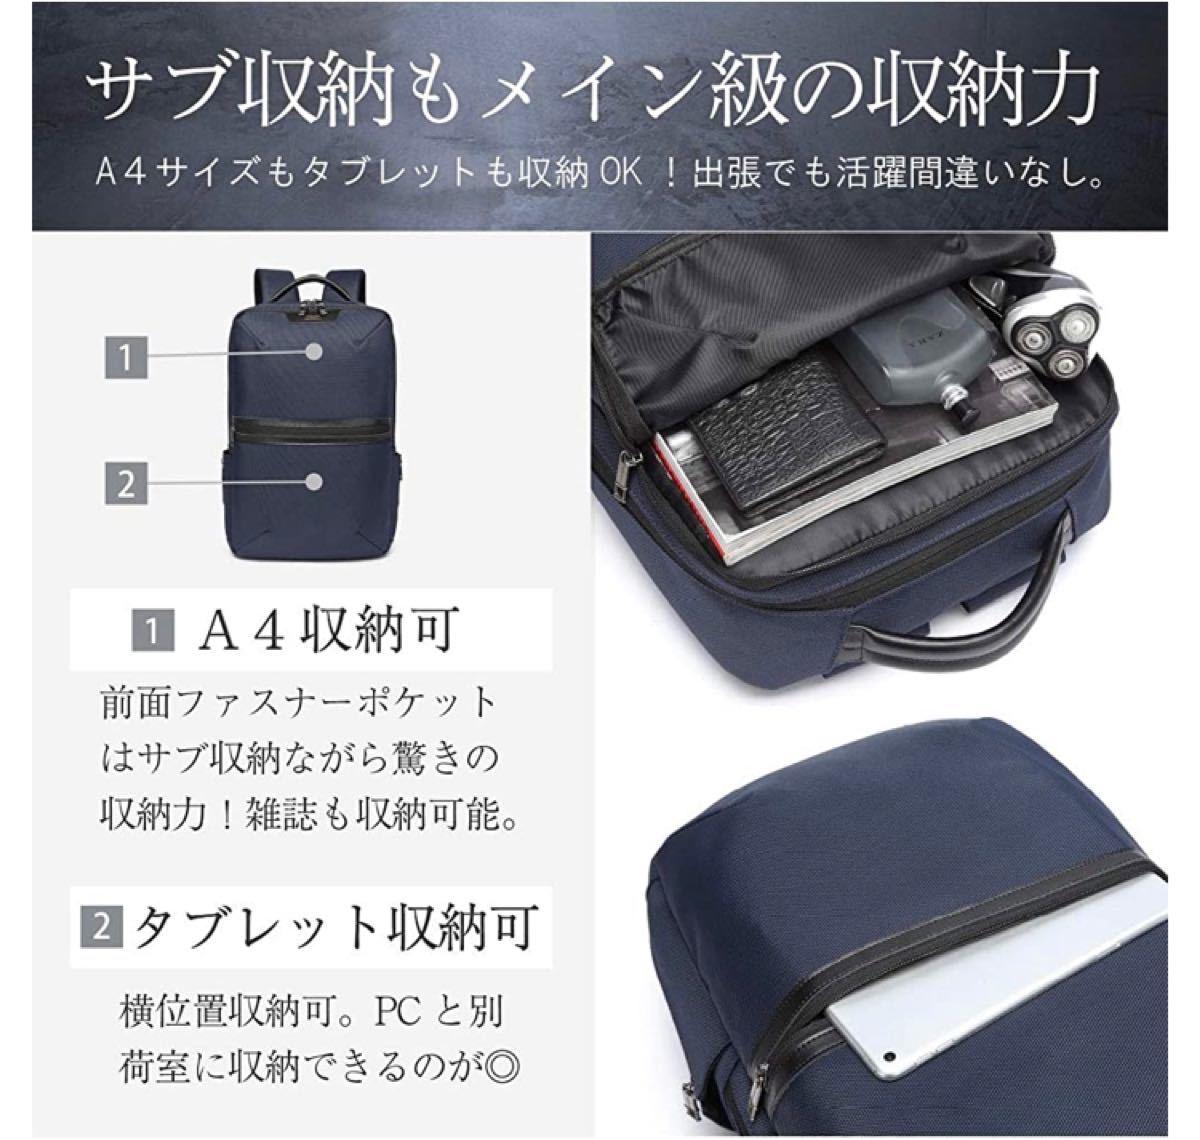 リュック バックパック ビジネスリュック メンズ 撥水 ビジネス A4対応